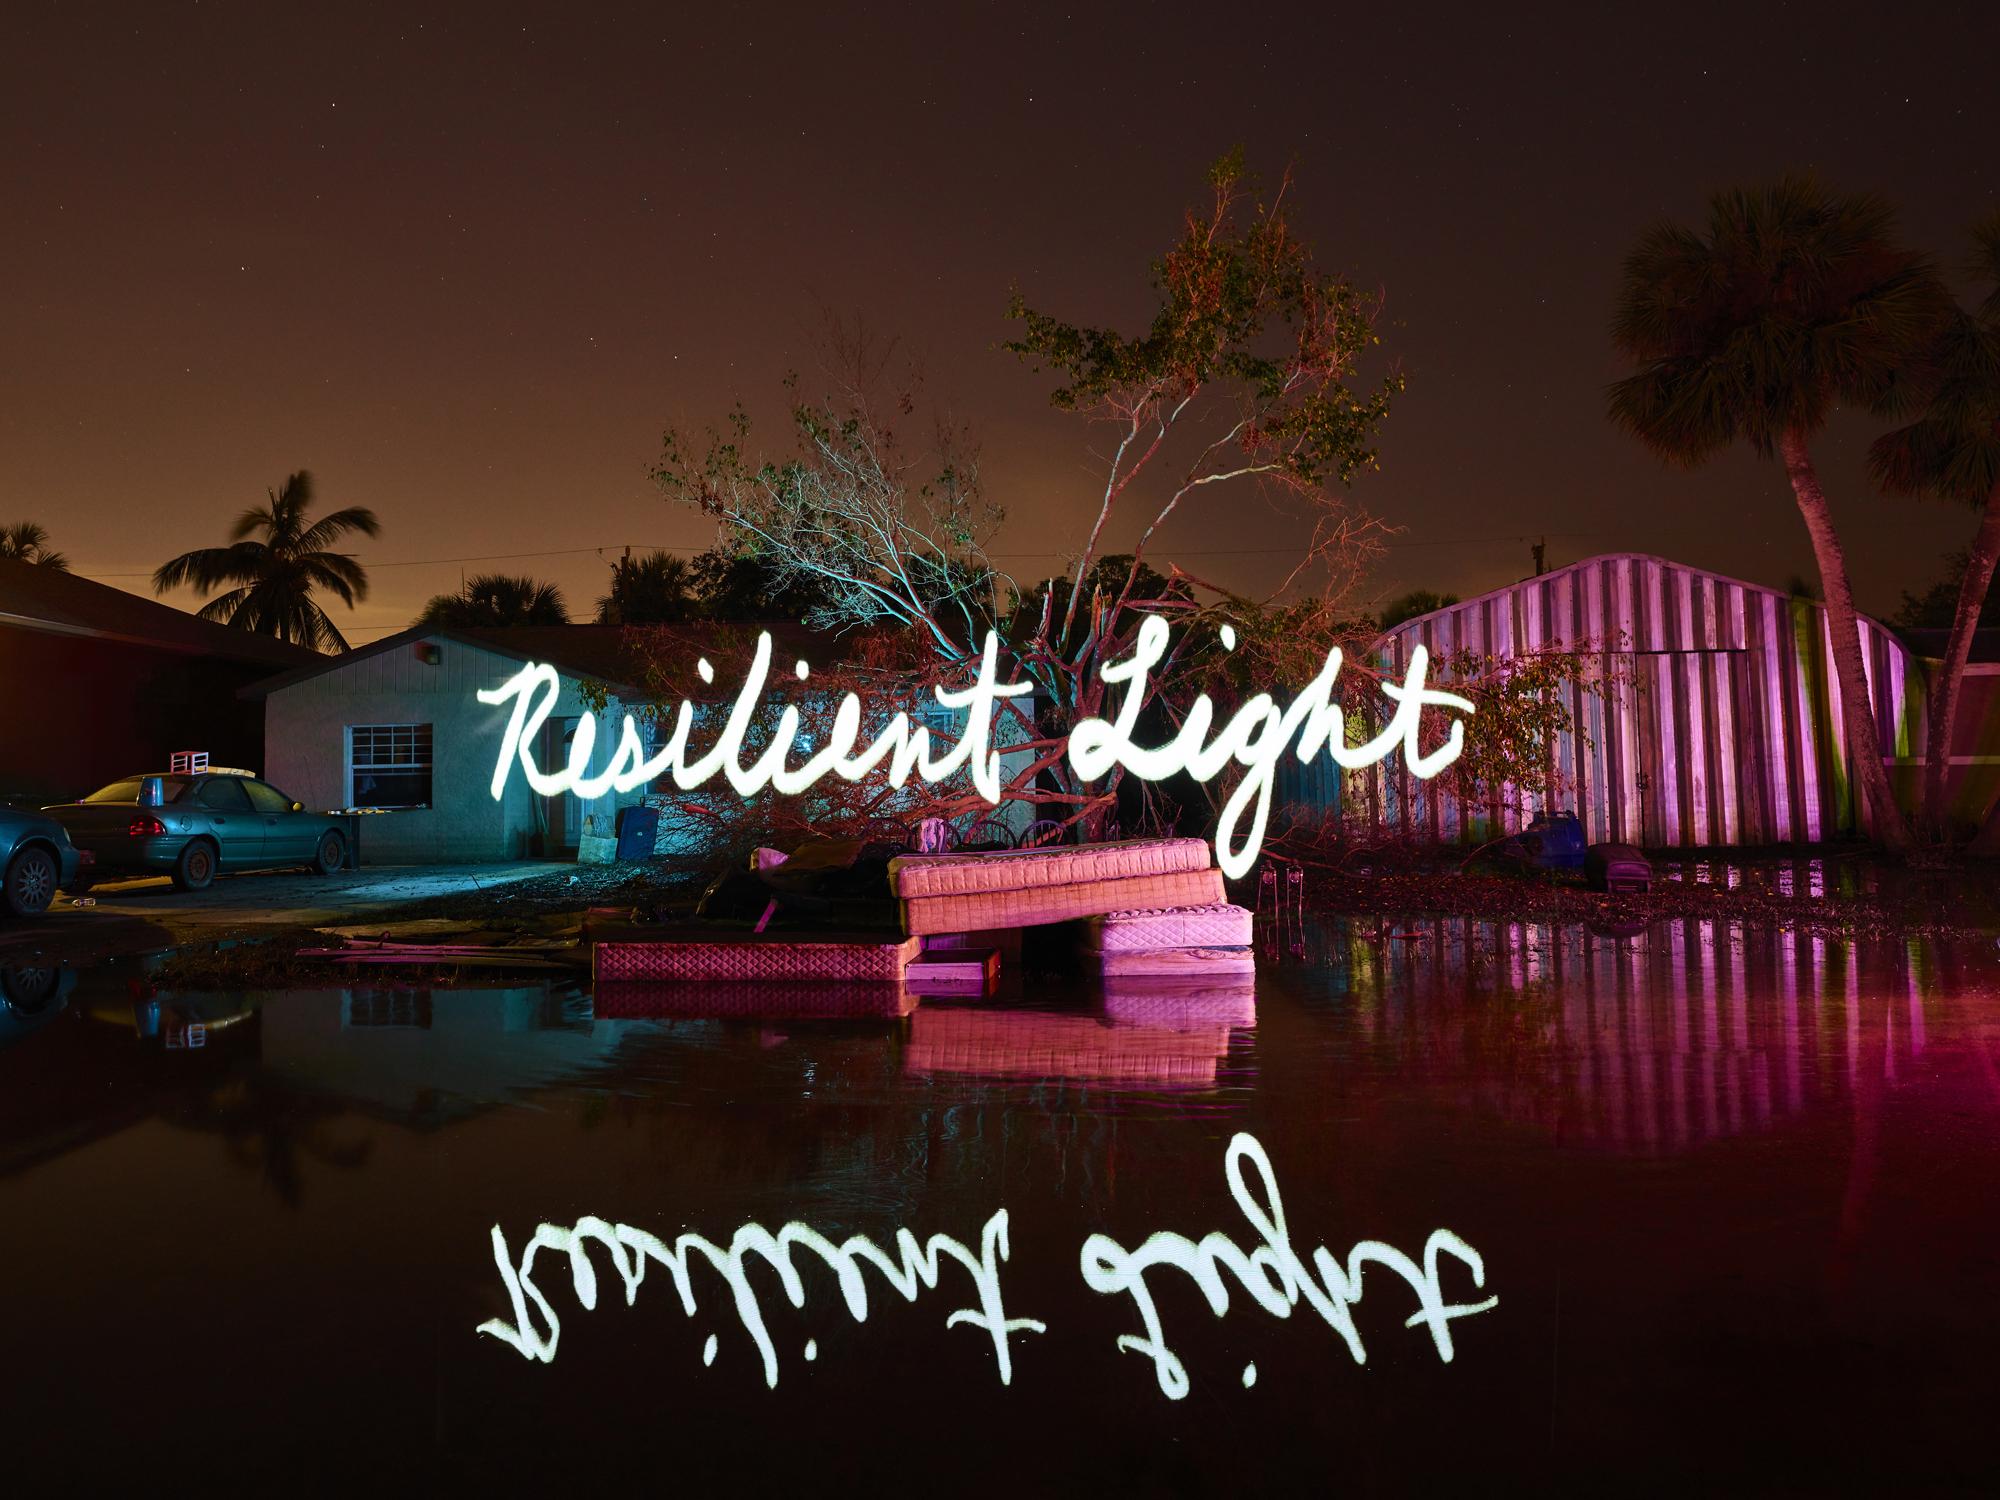 01_RL_3_resilient_light_14.jpg